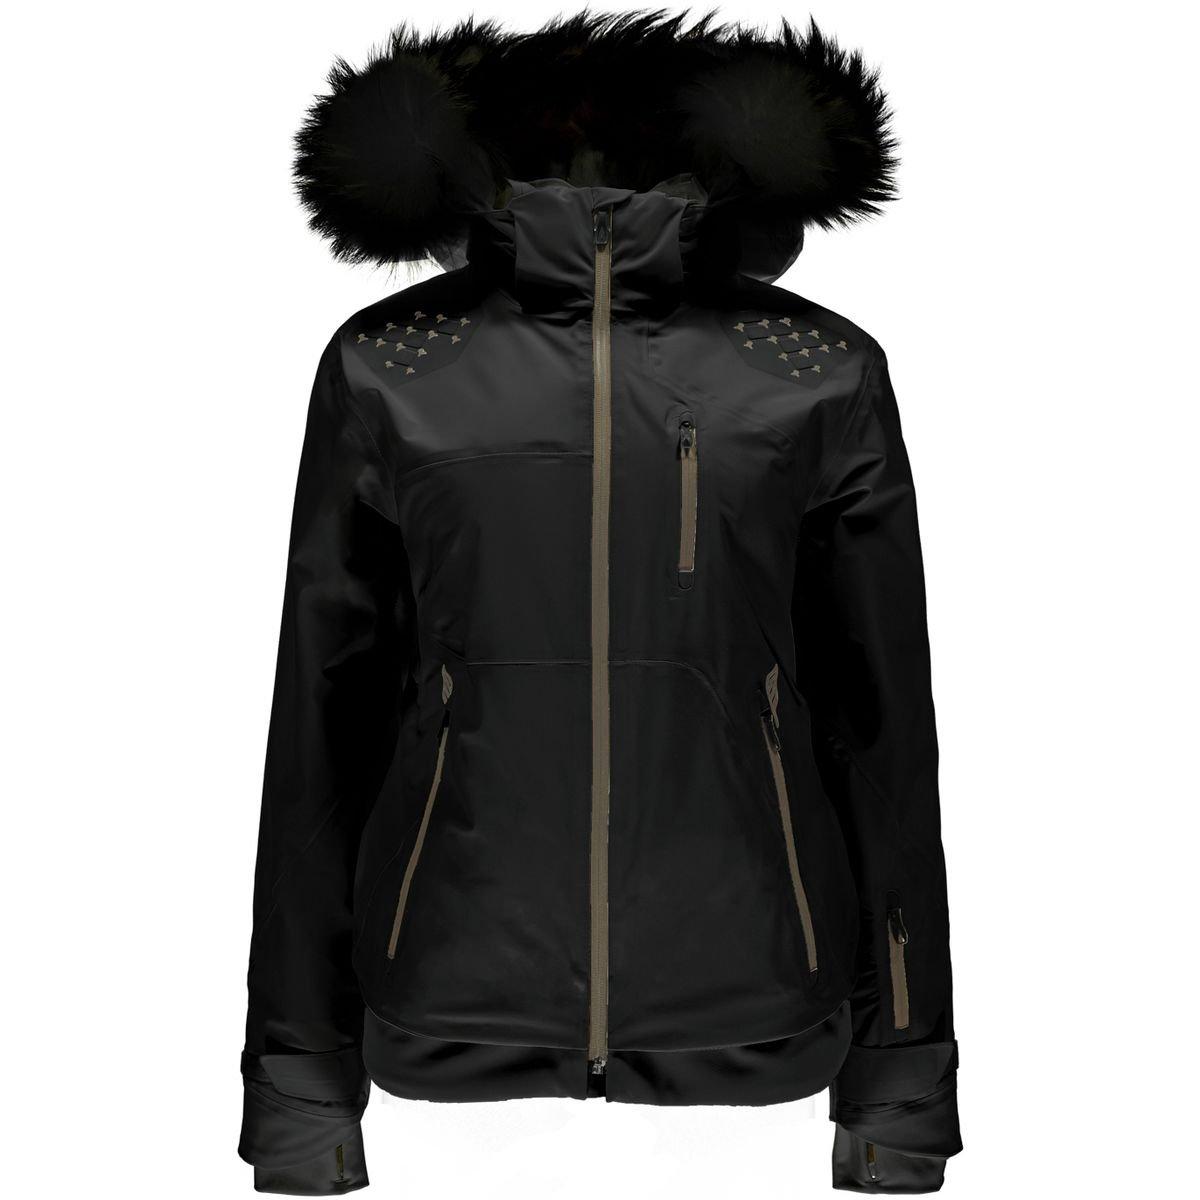 Spyder Diablaフード付きジャケット – レディース B0773GS1HY  ブラック/ブラック 6